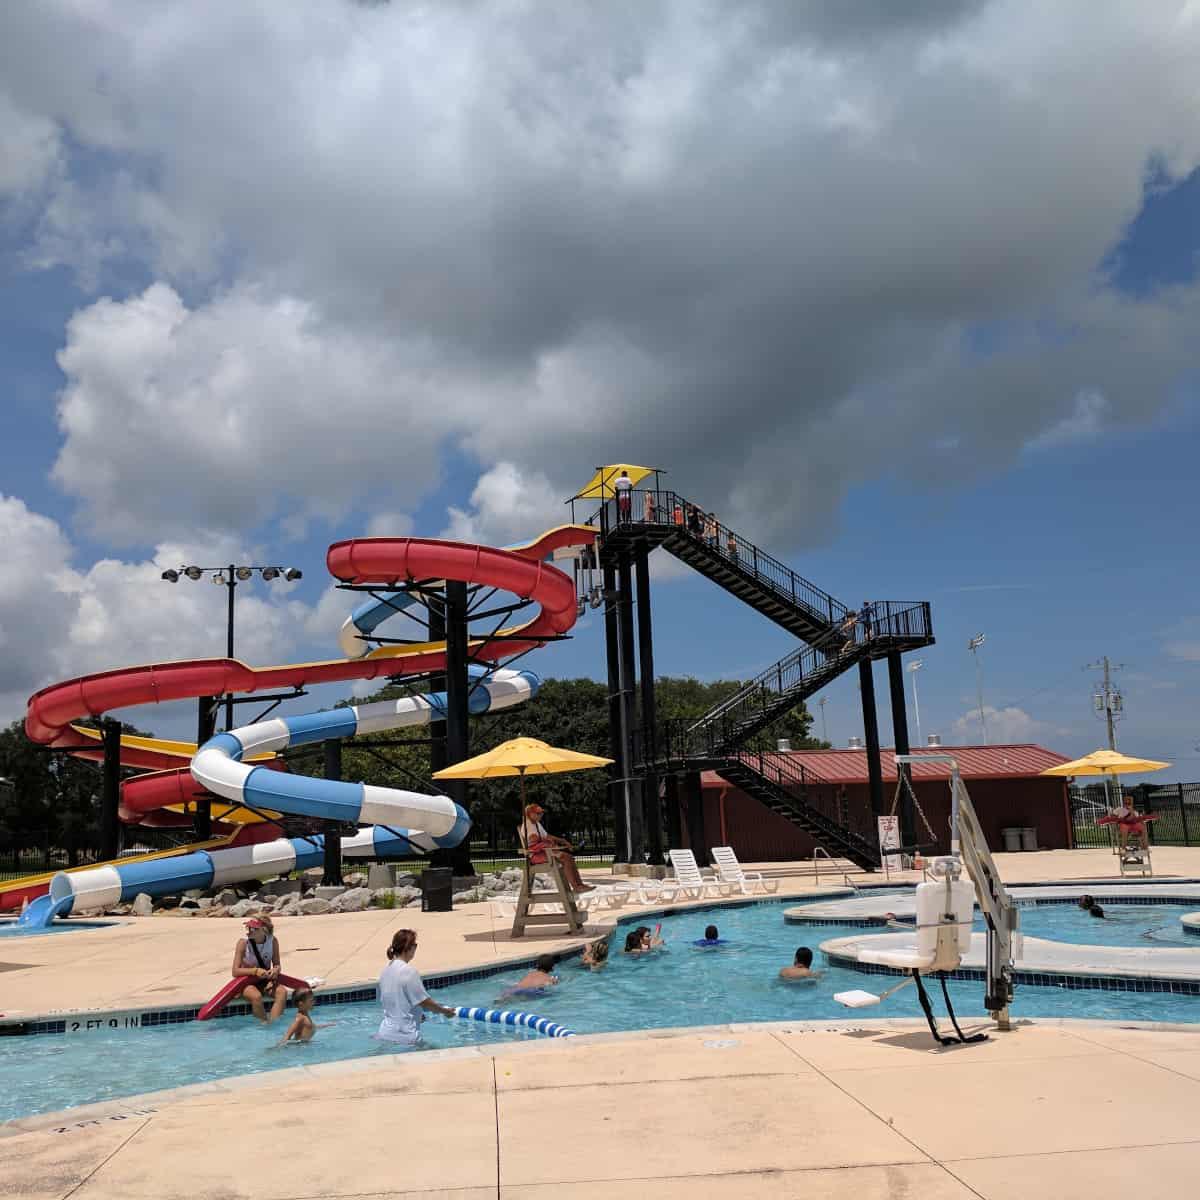 Nessler Pool Big Slides and Lazy River